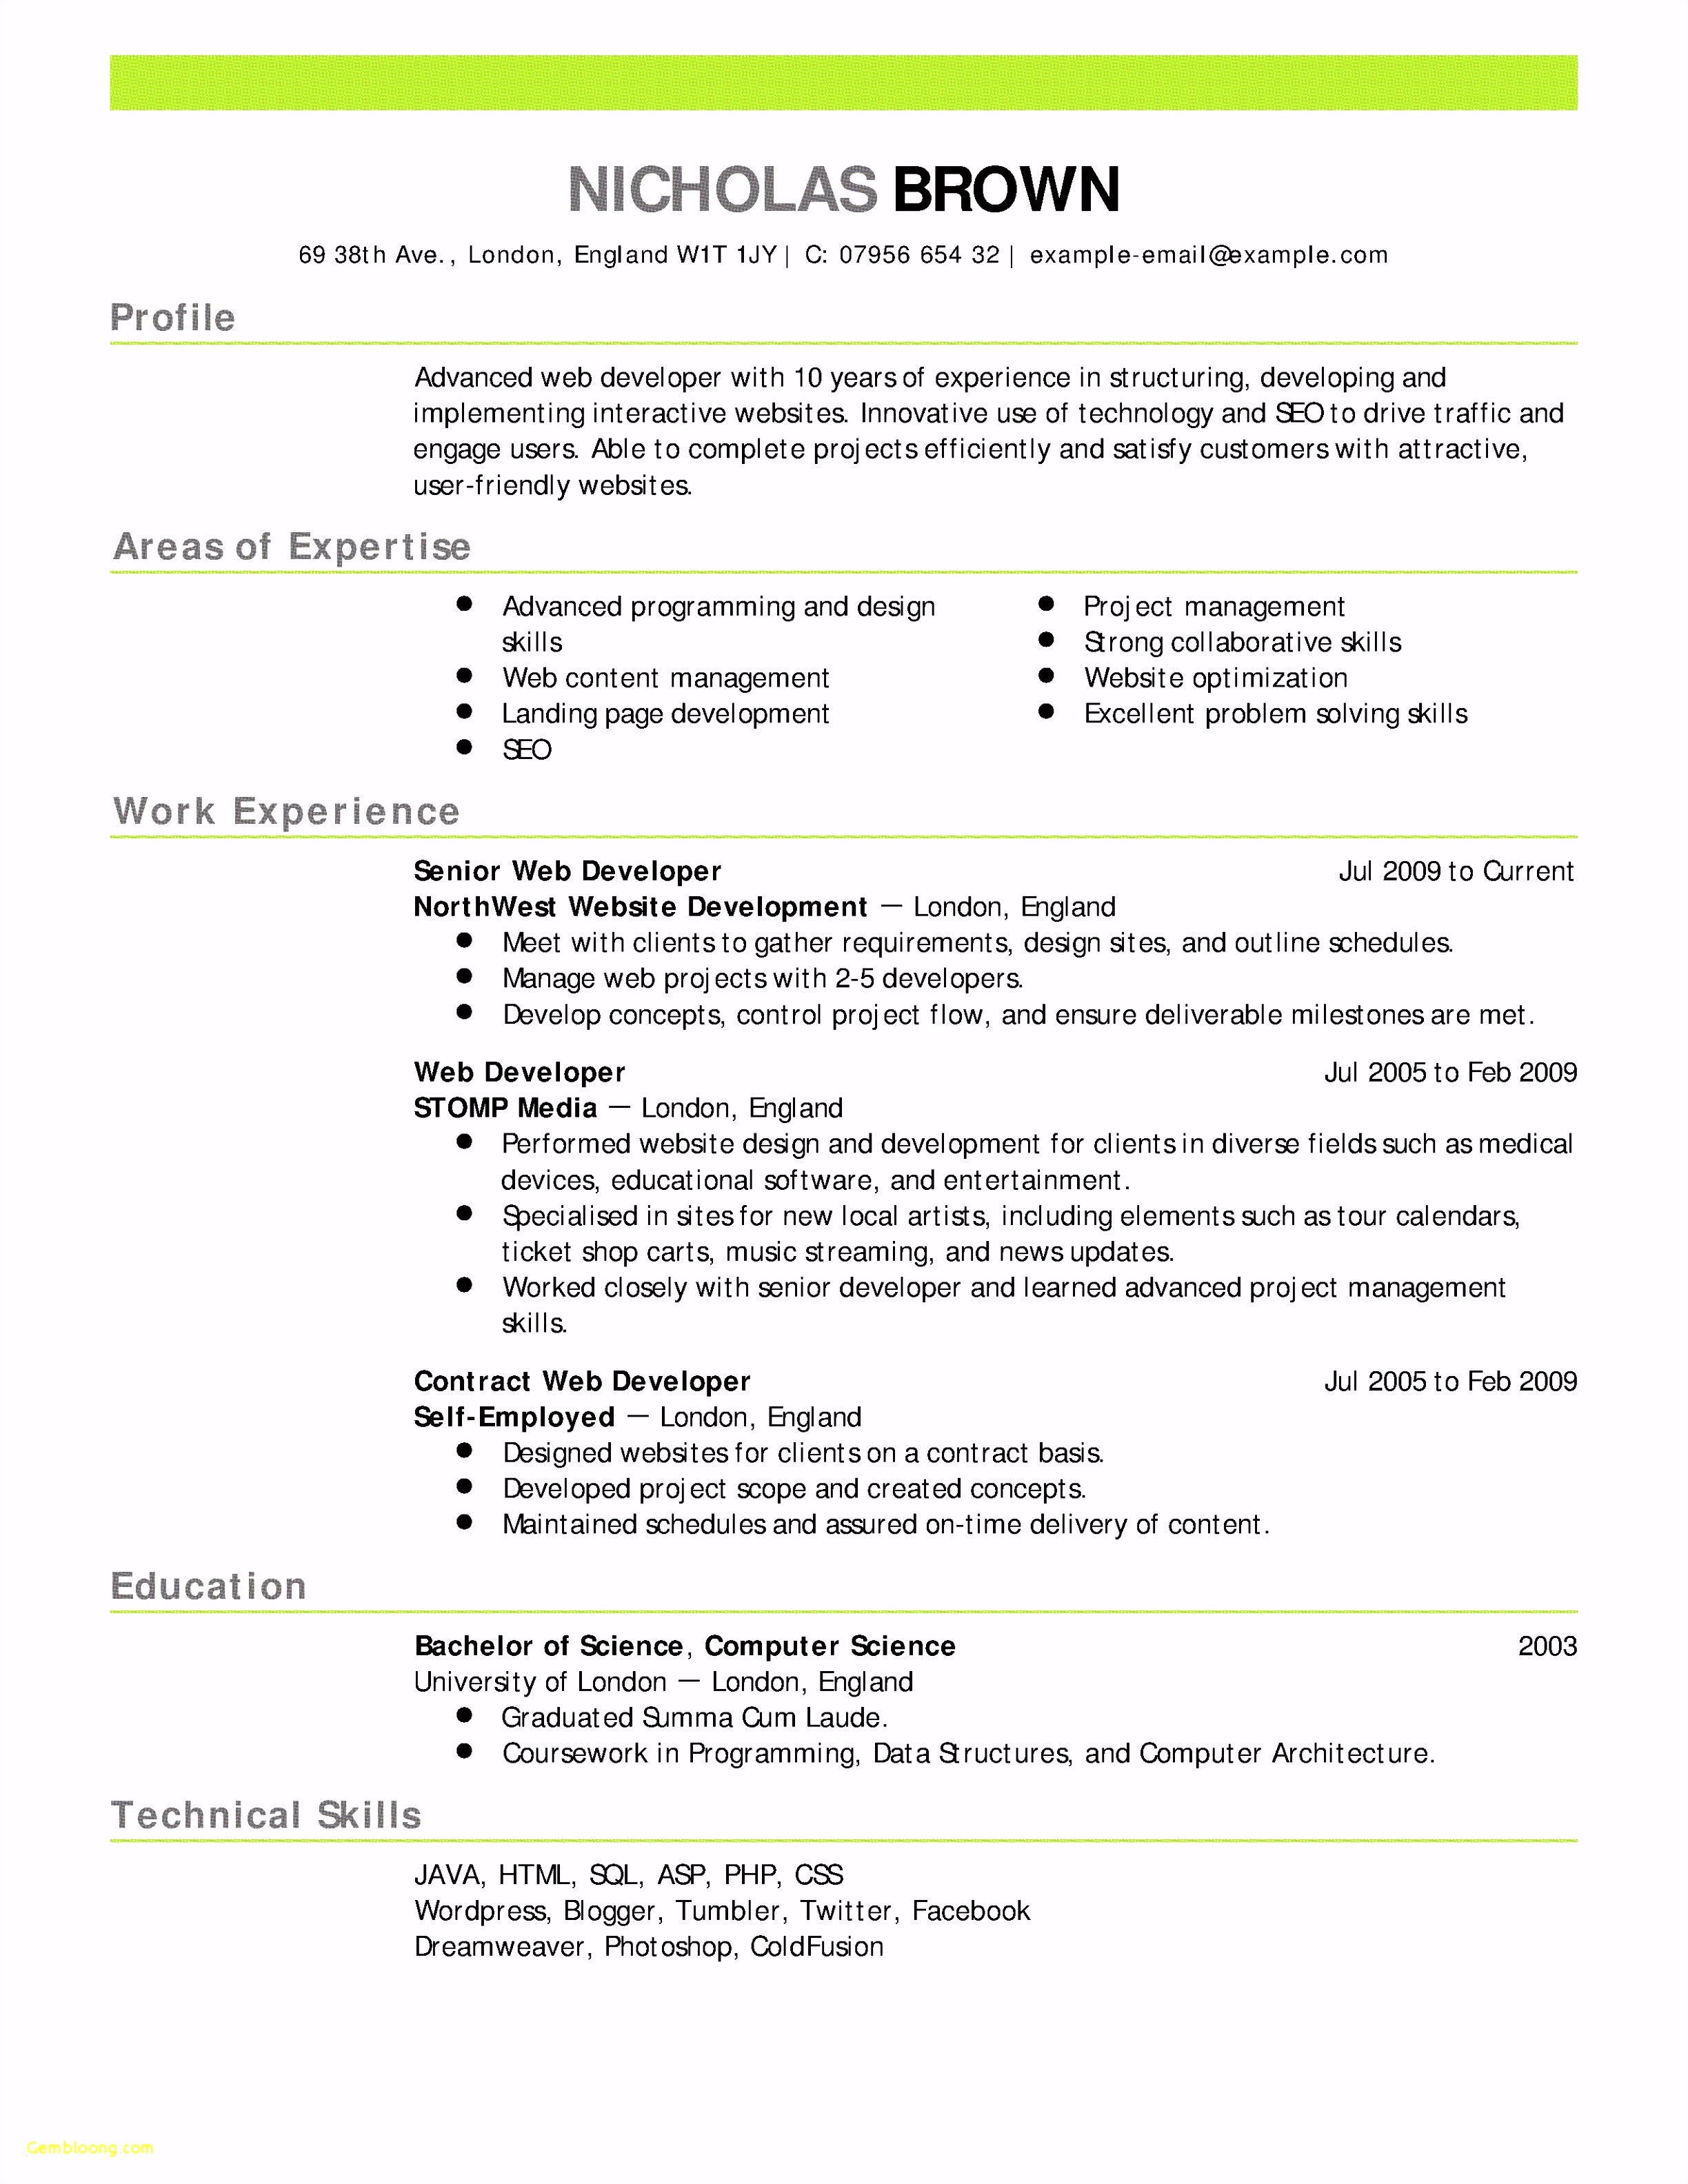 Free Contemporary Resume Templates Unique Cool Prezi Templates